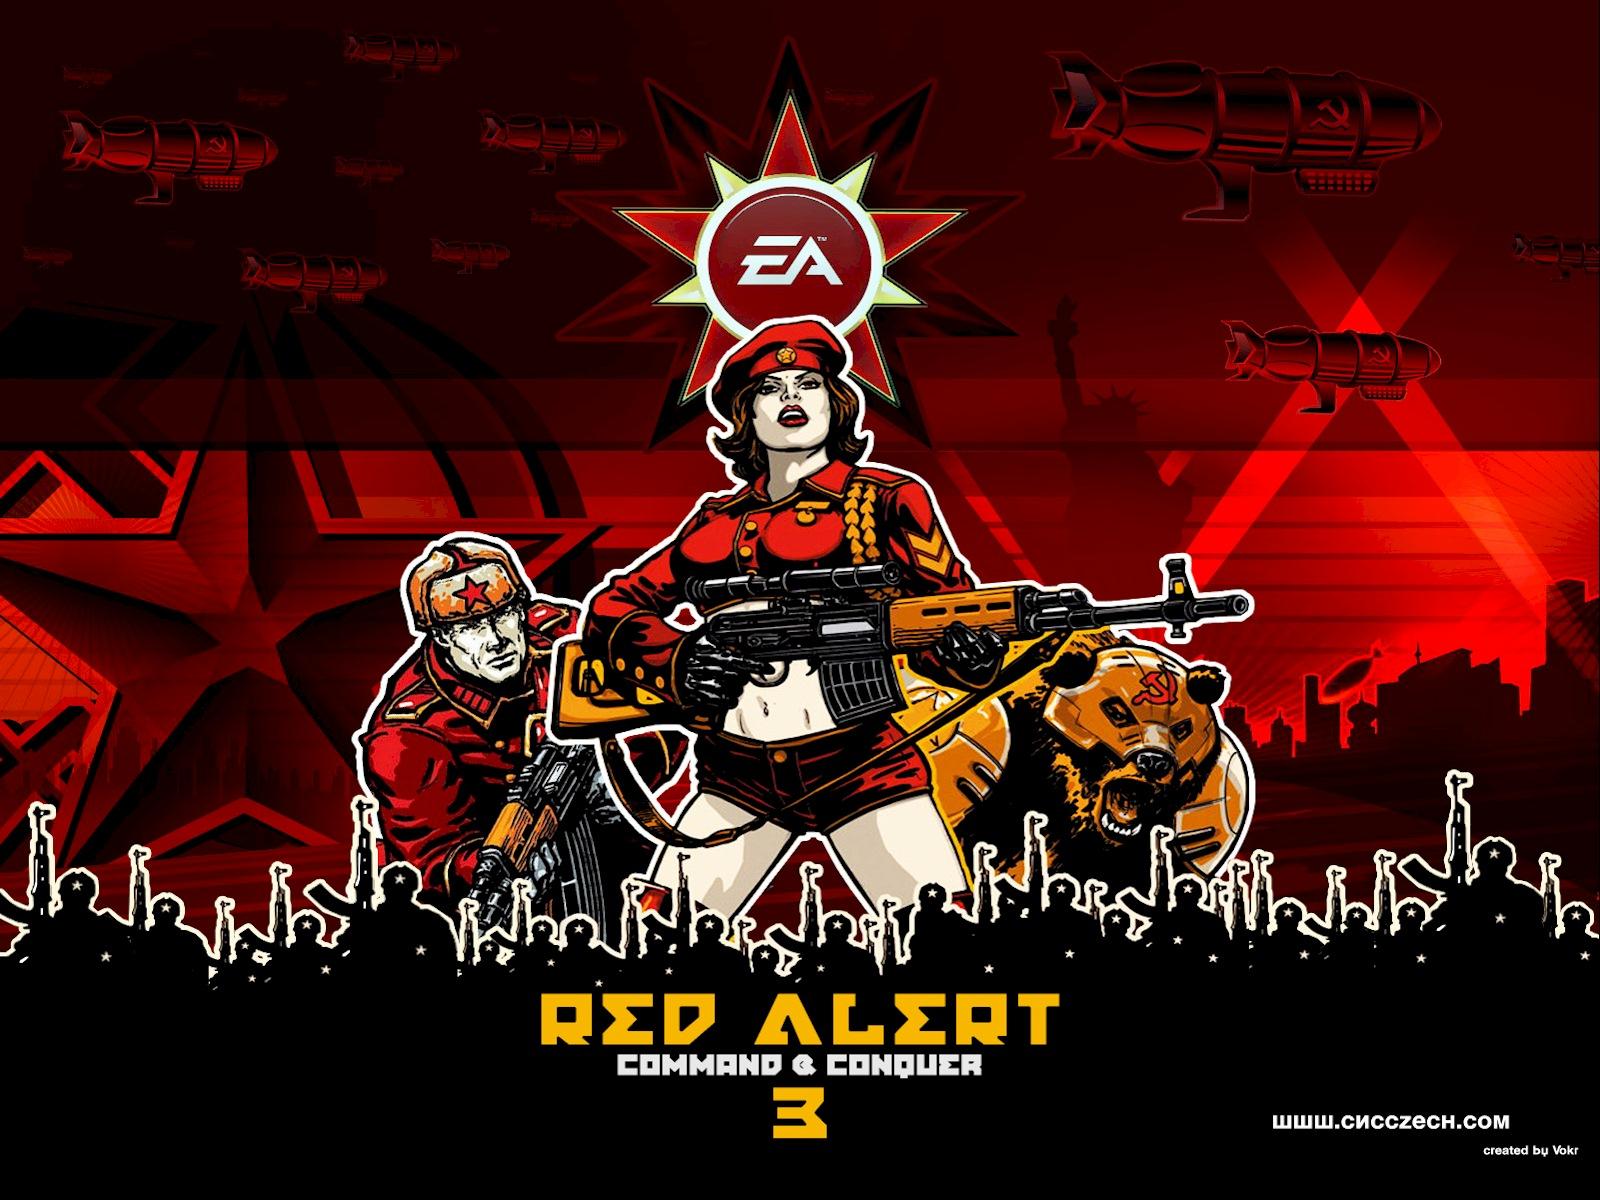 http://3.bp.blogspot.com/_oCPIXPQ06gI/S8R-thJqveI/AAAAAAAAACE/eSR7EKPwQpk/s1600/red_alert_3_wallpaper.jpg